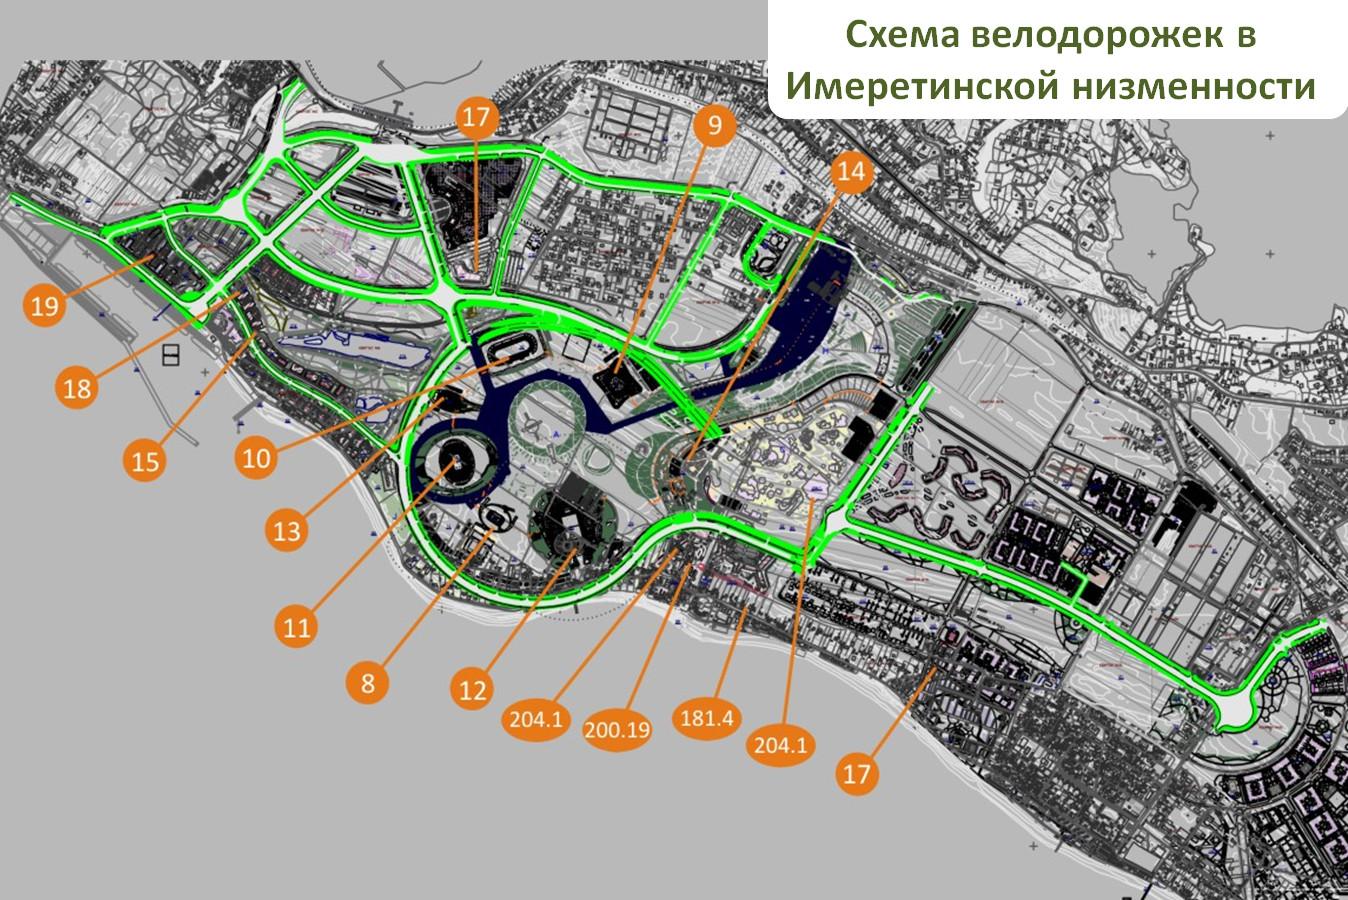 Велопарковка у Большой ледовой арены (Сочи)